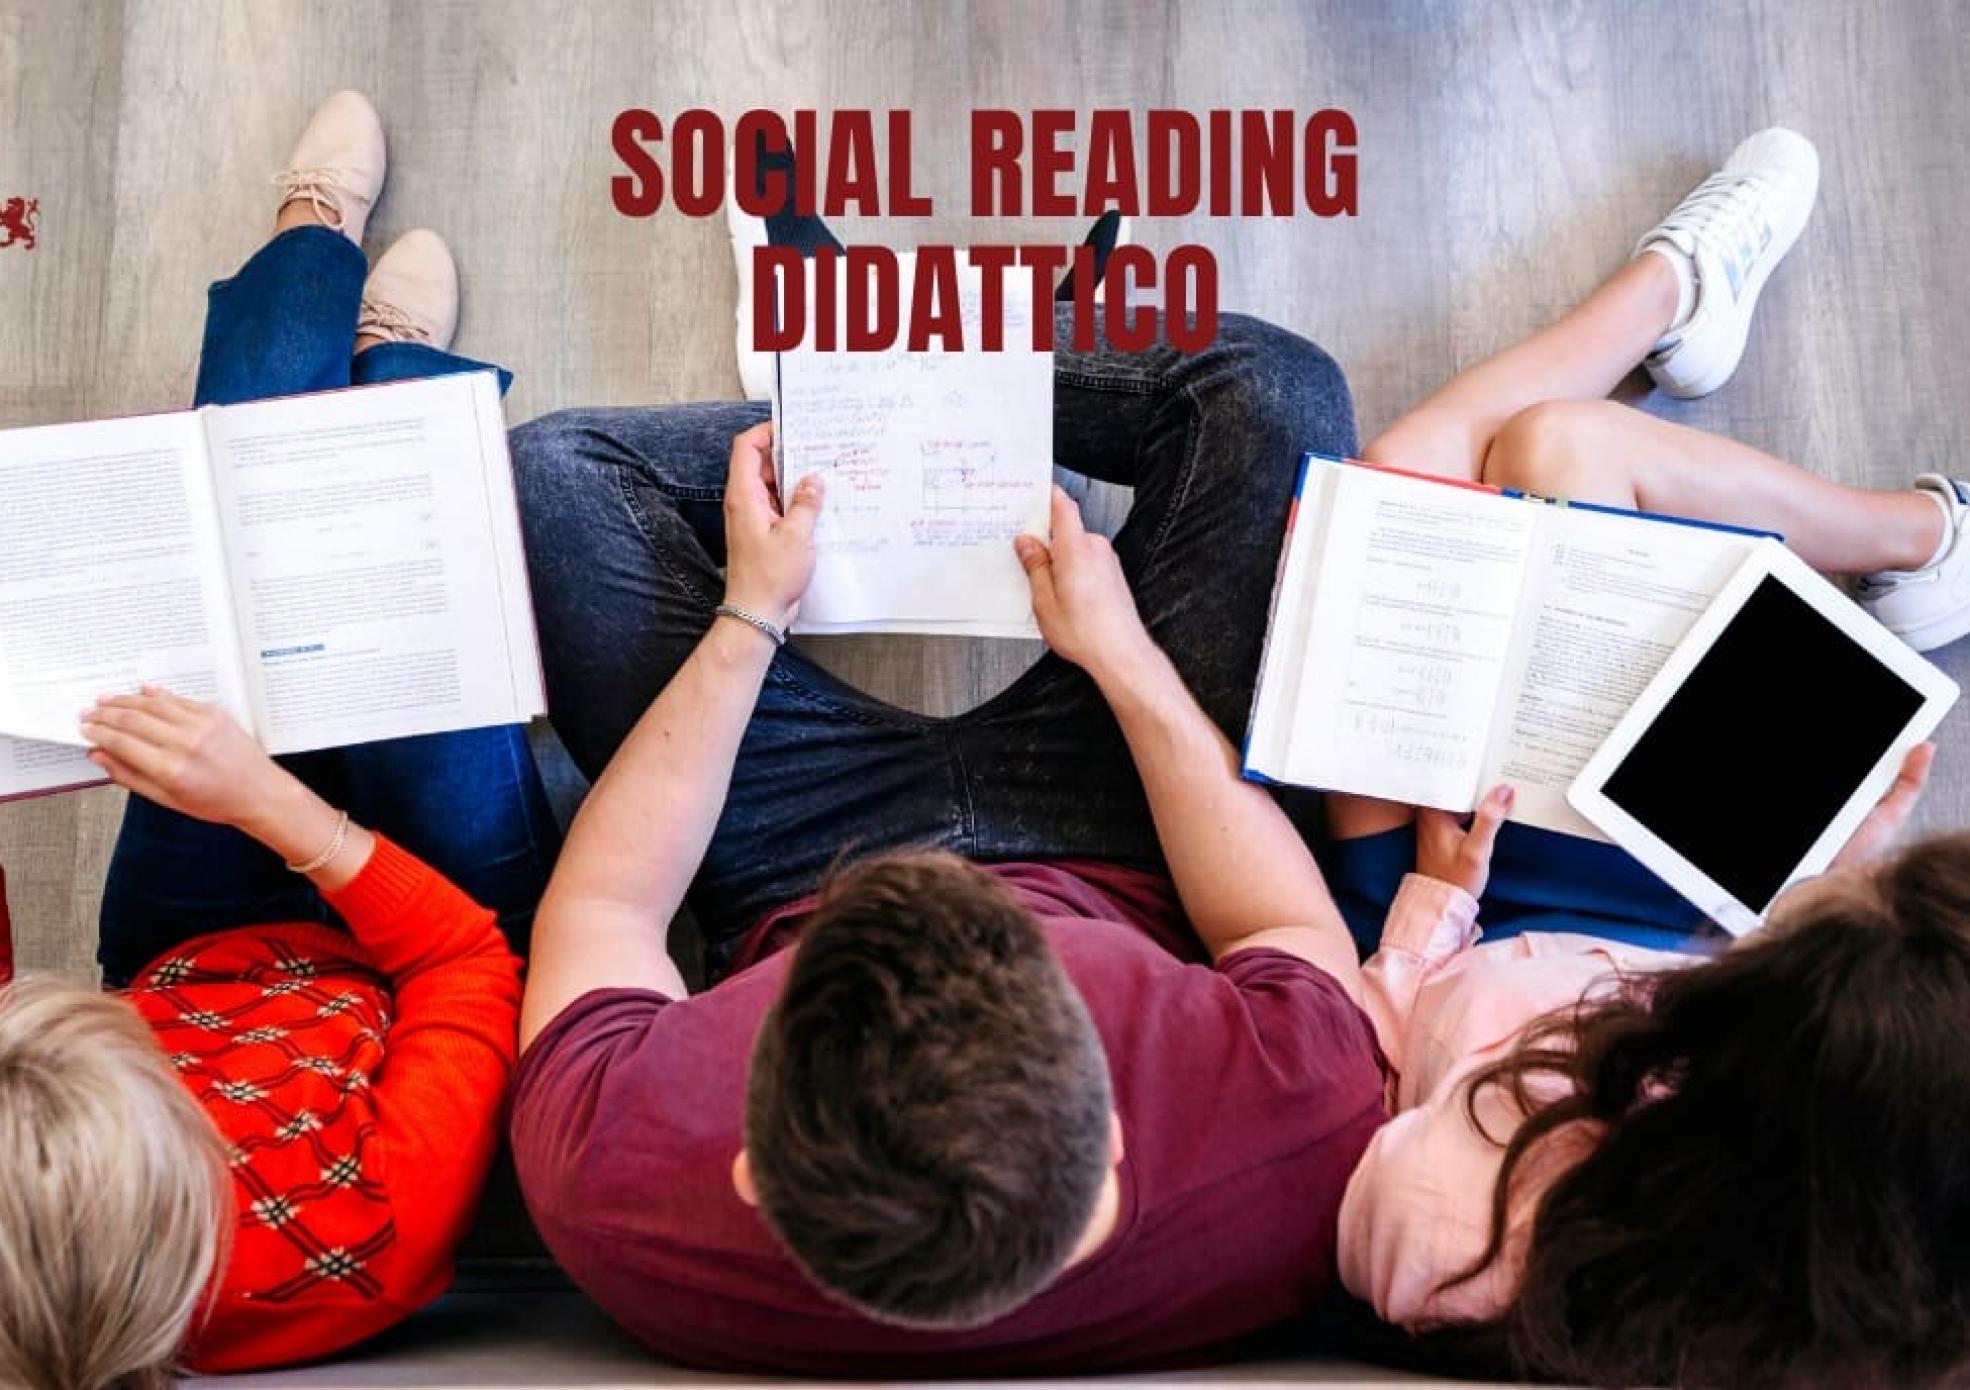 Social Reading Didattico_BLOG_jpg-min